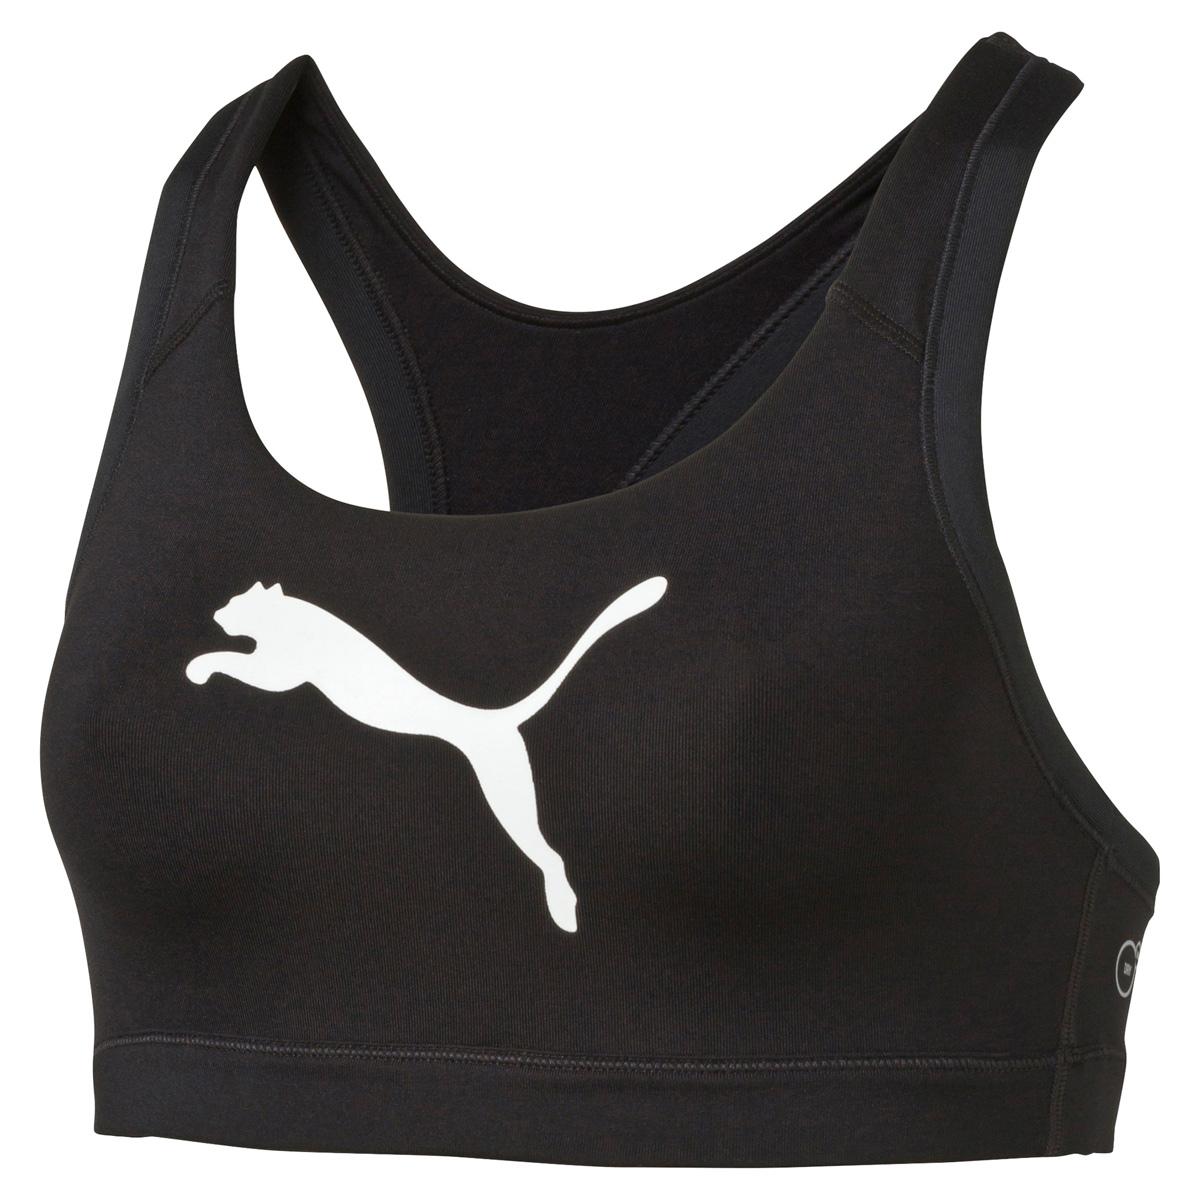 Топ-бра для фитнеса Puma Pwrshape Forever, цвет: черный. 51396512. Размер S (42/44)513965_12Этот спортивный бюстгальтер-топ станет вашей любимой моделью, потому что он - незаменимая часть вашего гардероба для занятий спортом и активного отдыха! Отличный дизайн обеспечивает универсальность, поэтому бюстгальтер можно надевать в тренажерный зал, на занятие всеми видами фитнеса, на пробежку. Дополнительные удобства создаются за счет использования высокофункциональной технологии dryCELL, которая отводит влагу, поддерживает тело сухим и гарантирует комфорт во время активных тренировок и занятий спортом. Наплечные лямки с мягкой подложкой, не перекрещивающиеся на спине, не натирают, не давят, а также обеспечивают полную свободу движений и удобство надевания изделия благодаря функциональному крою спины. Отделка низа сверхэластичным плотным материалом создает дополнительную поддержку. Бюстгальтер декорирован спереди логотипом PUMA из светоотражающего материала, нанесенным методом термопечати, благодаря которому вас лучше видно в темное время суток. На нижний край изделия методом термопечати нанесен логотип dryCELL. Модель подходит для всех видов физической активности.